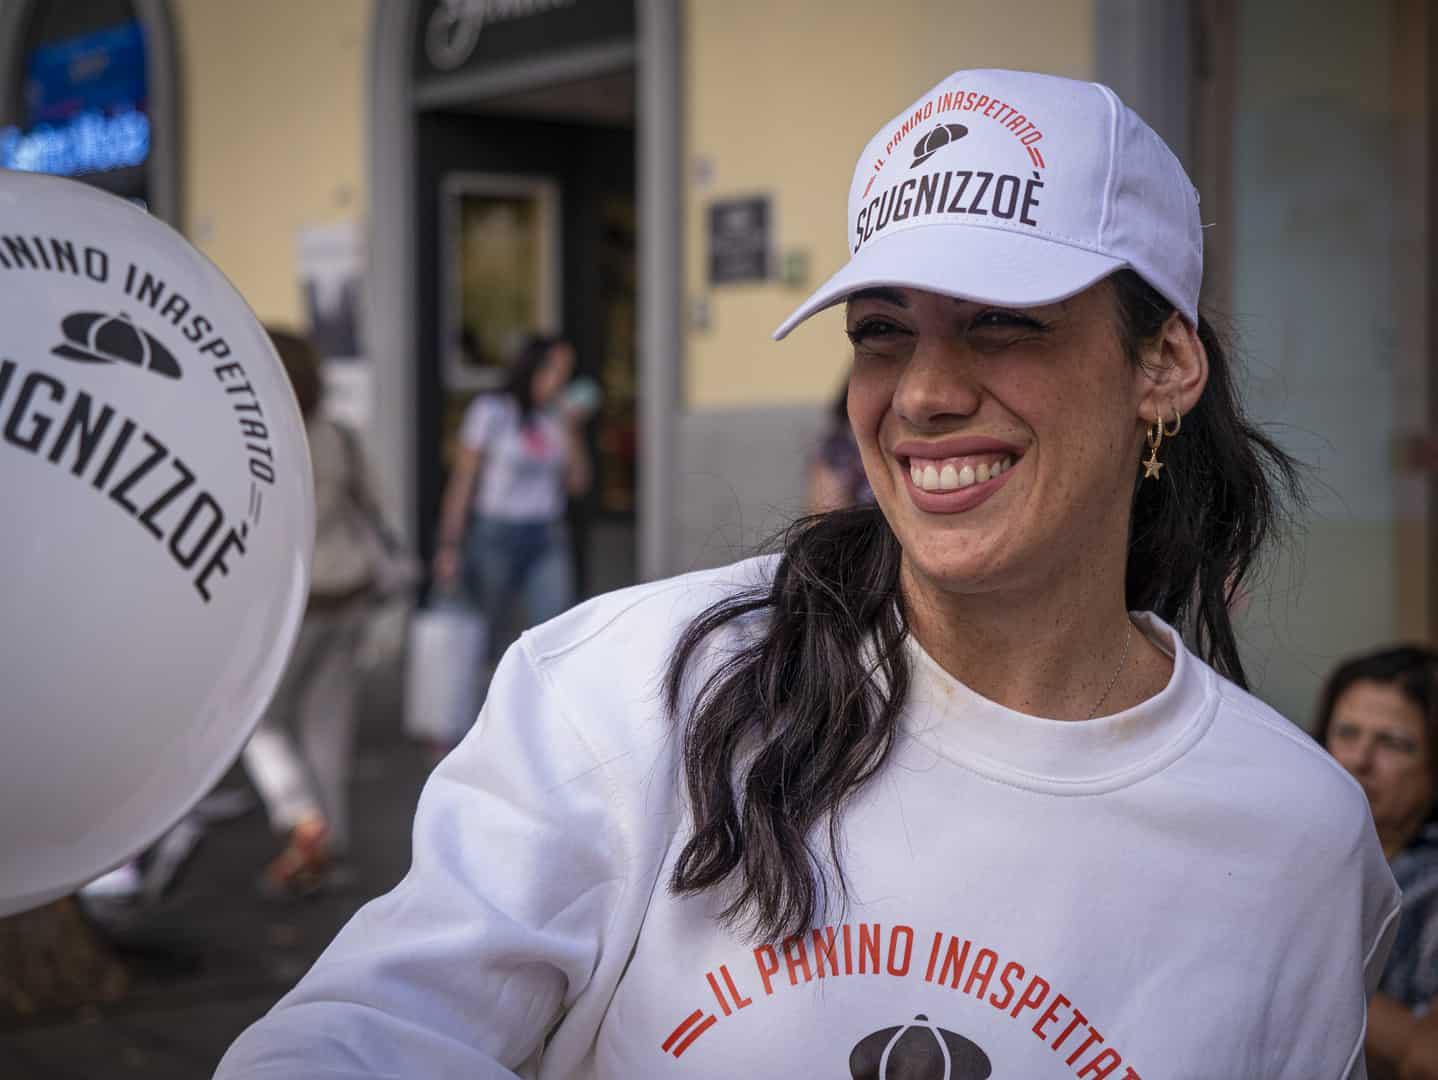 Scugnizzoè - Evento gratta e assaggia by DelfiAdv